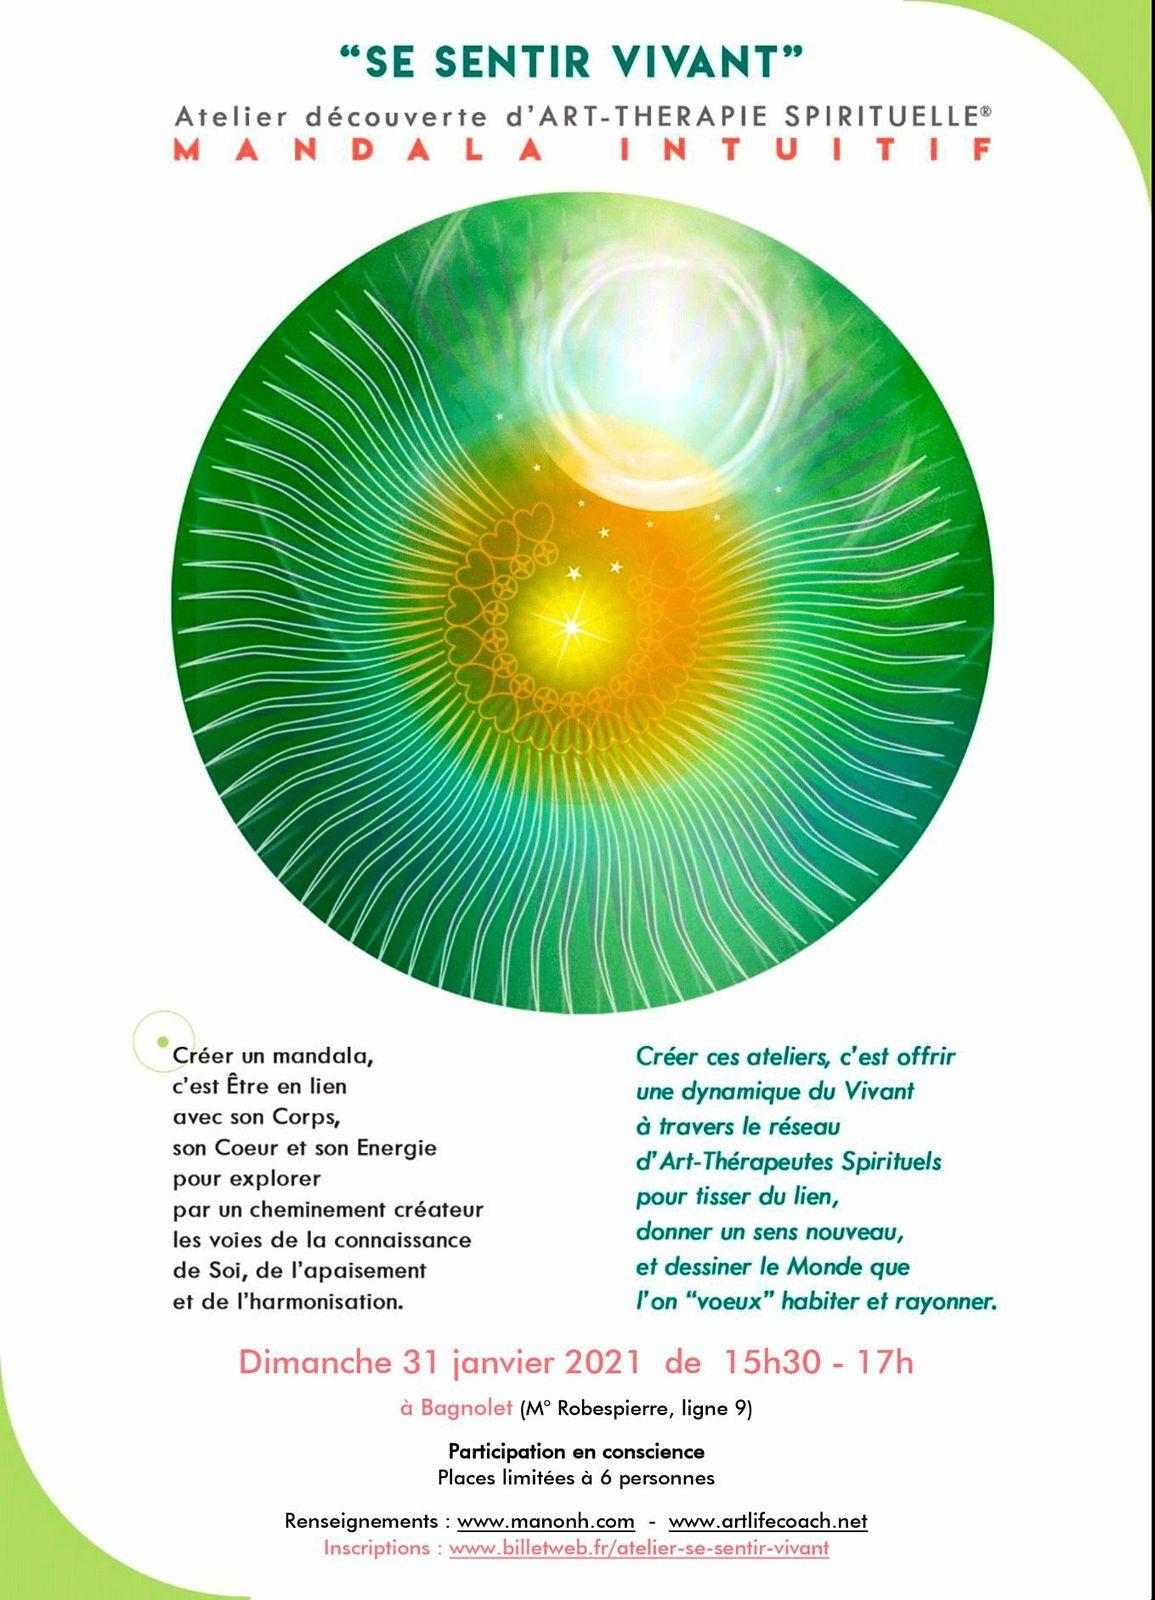 🌿Atelier Découverte Mandala intuitif 🌿 - Art-Thérapie Spirituelle